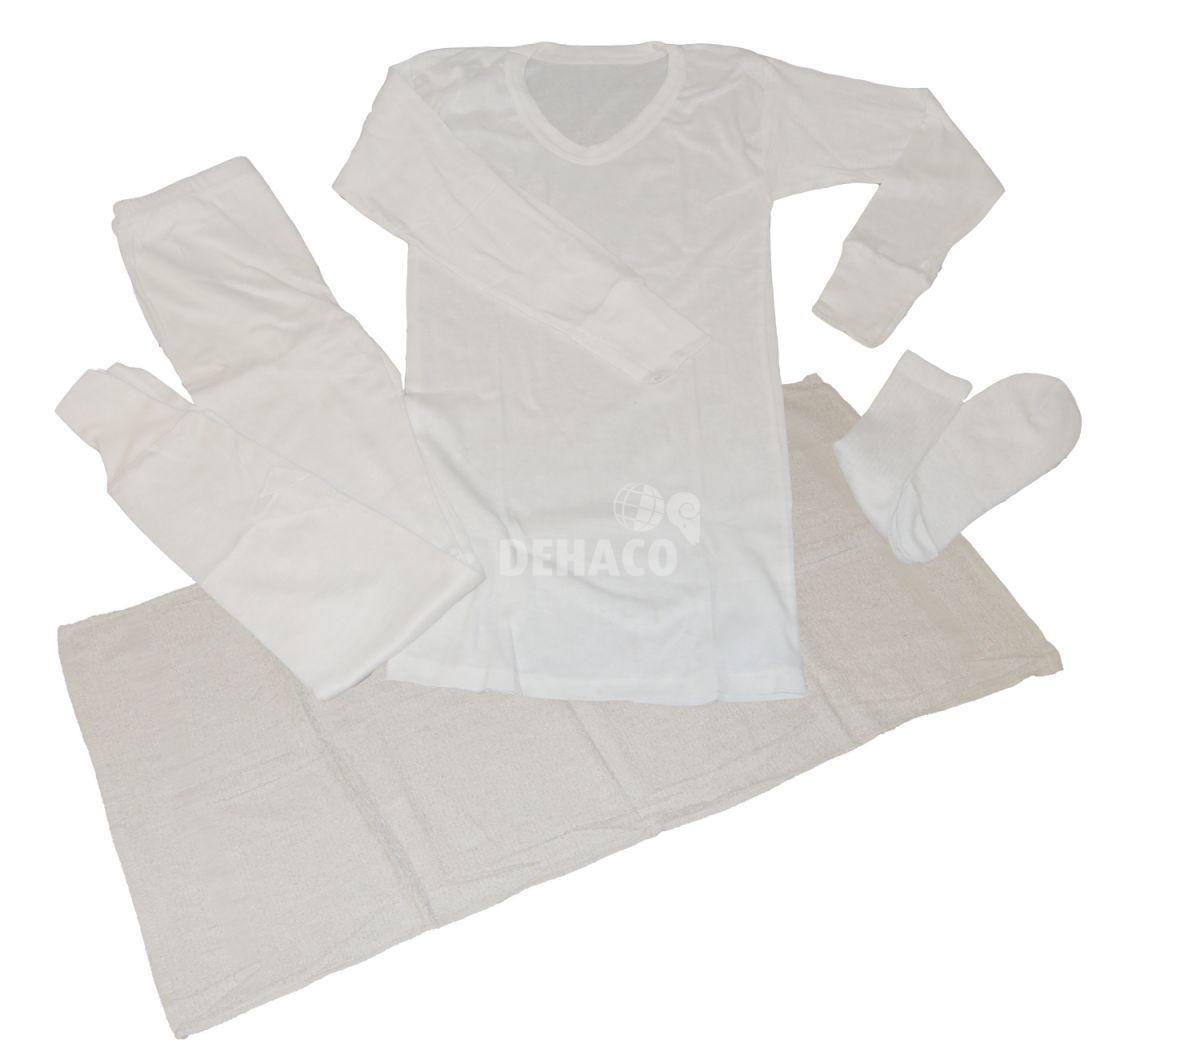 outlet store 8b38e cd4f4 Winter-Unterwäsche aus Baumwolle mit Handtuch pro Paket